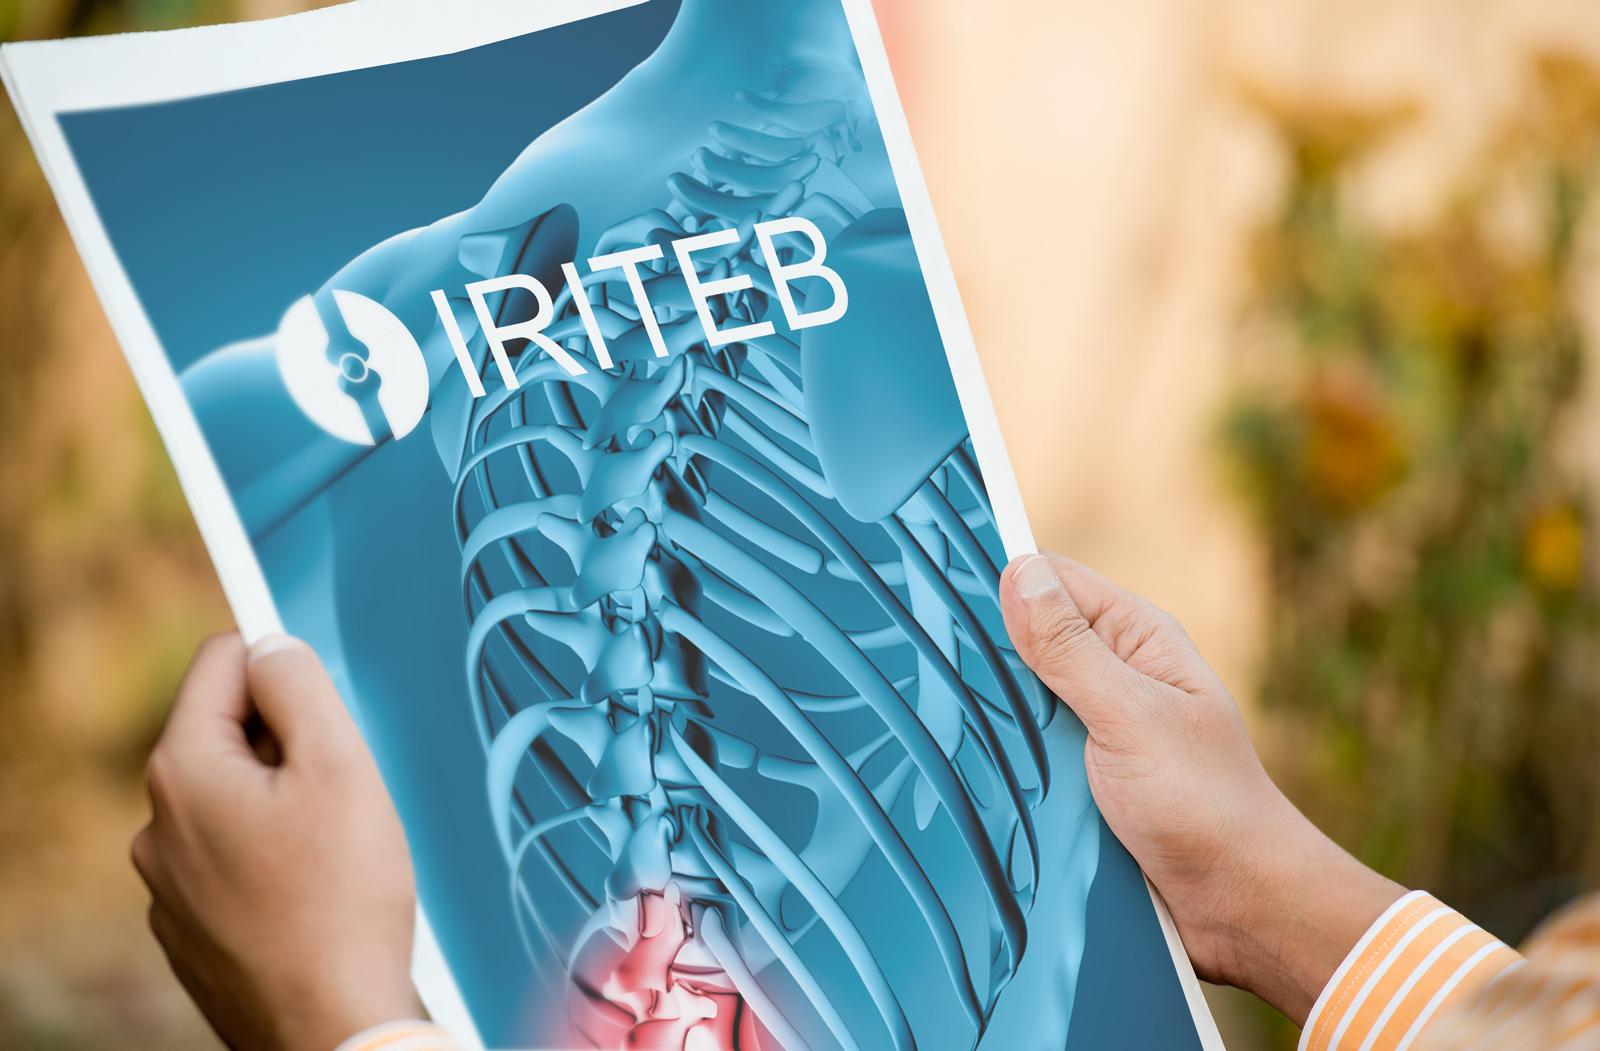 Las revistas locales anuncian los servicios de IRITEB